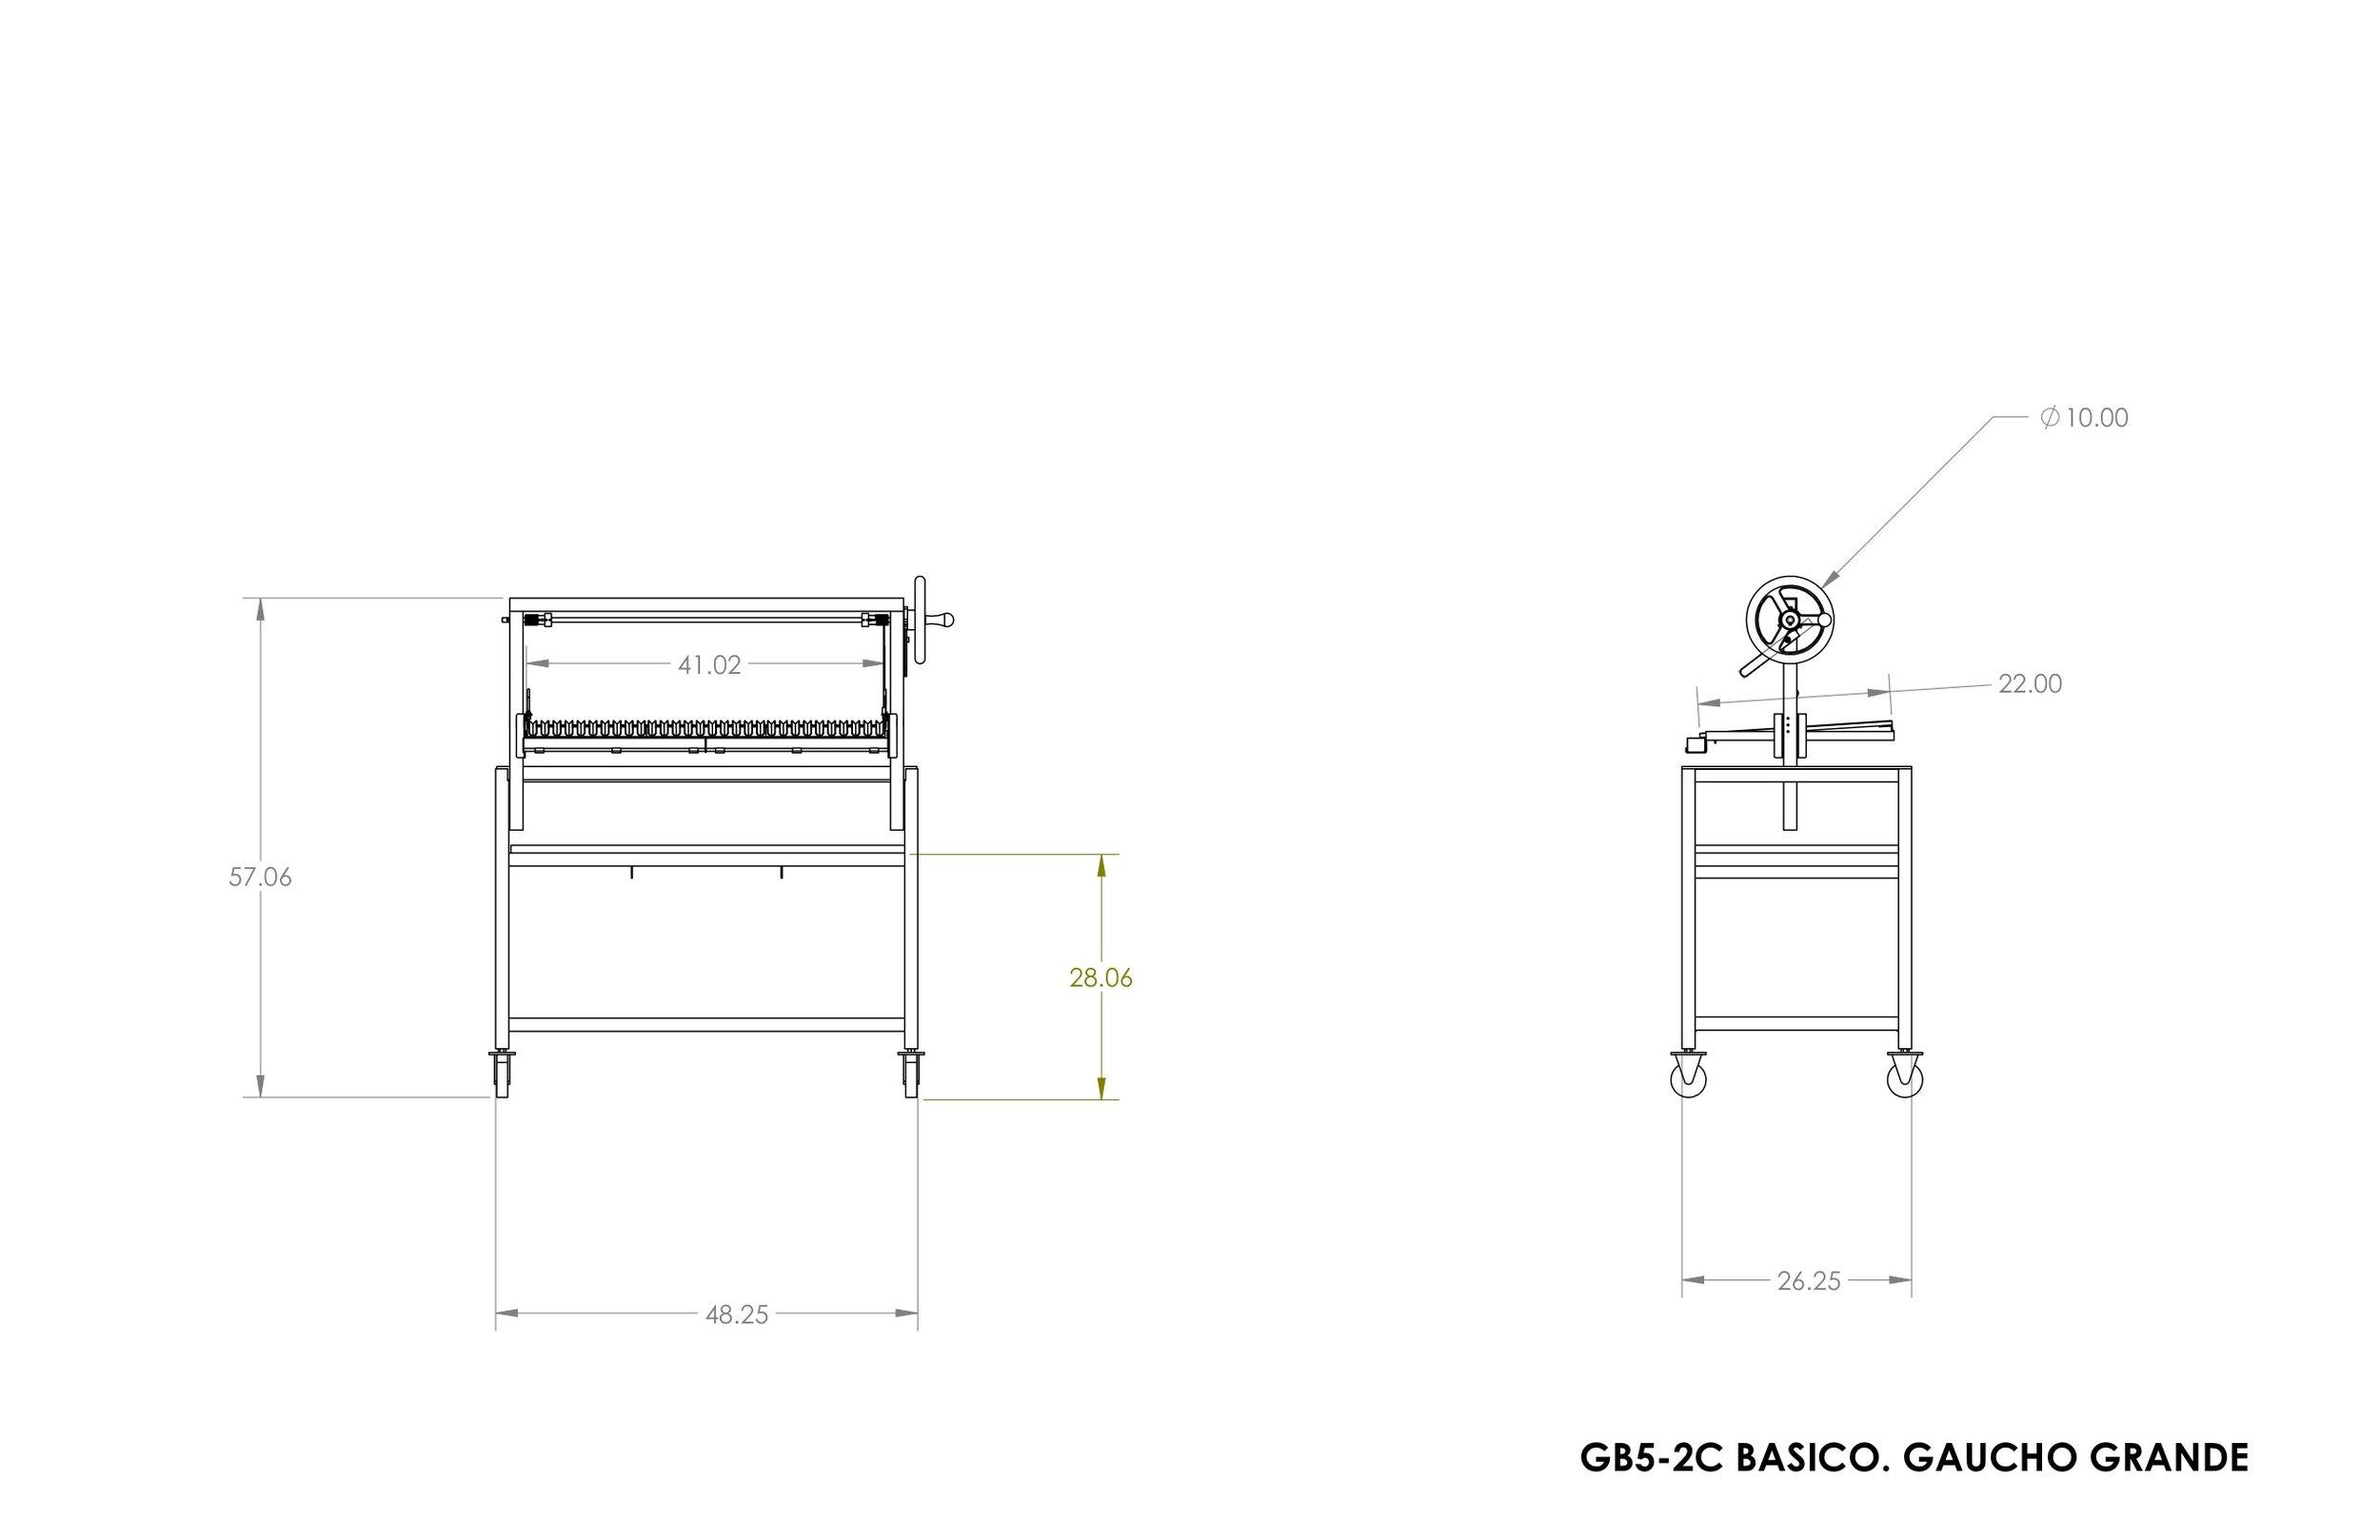 GB5-2C BASICO, GAUCHO GRANDE.jpg